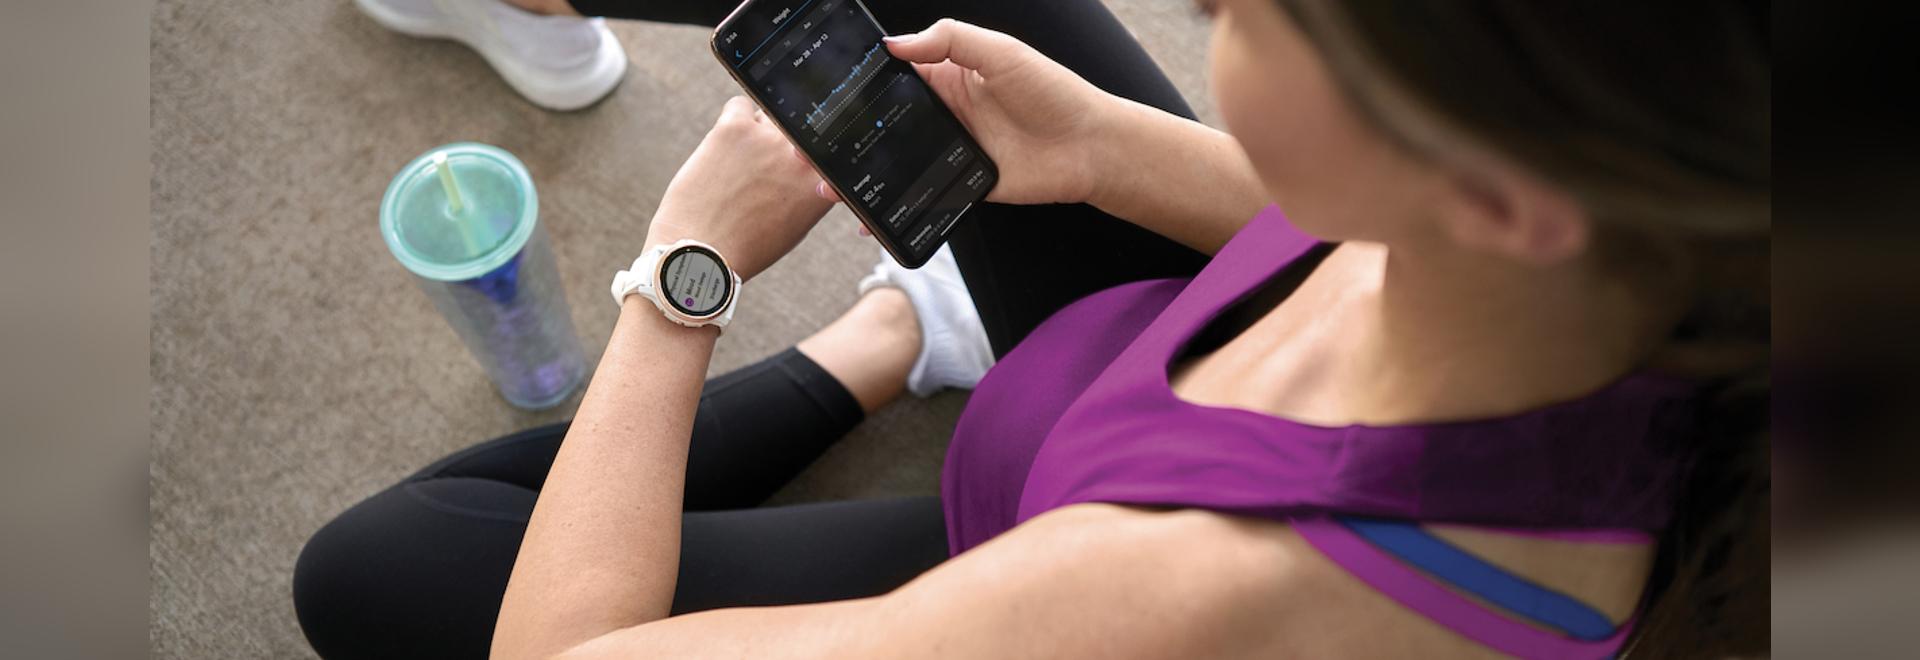 Garmin aggiunge capacità di monitoraggio della gravidanza agli orologi intelligenti